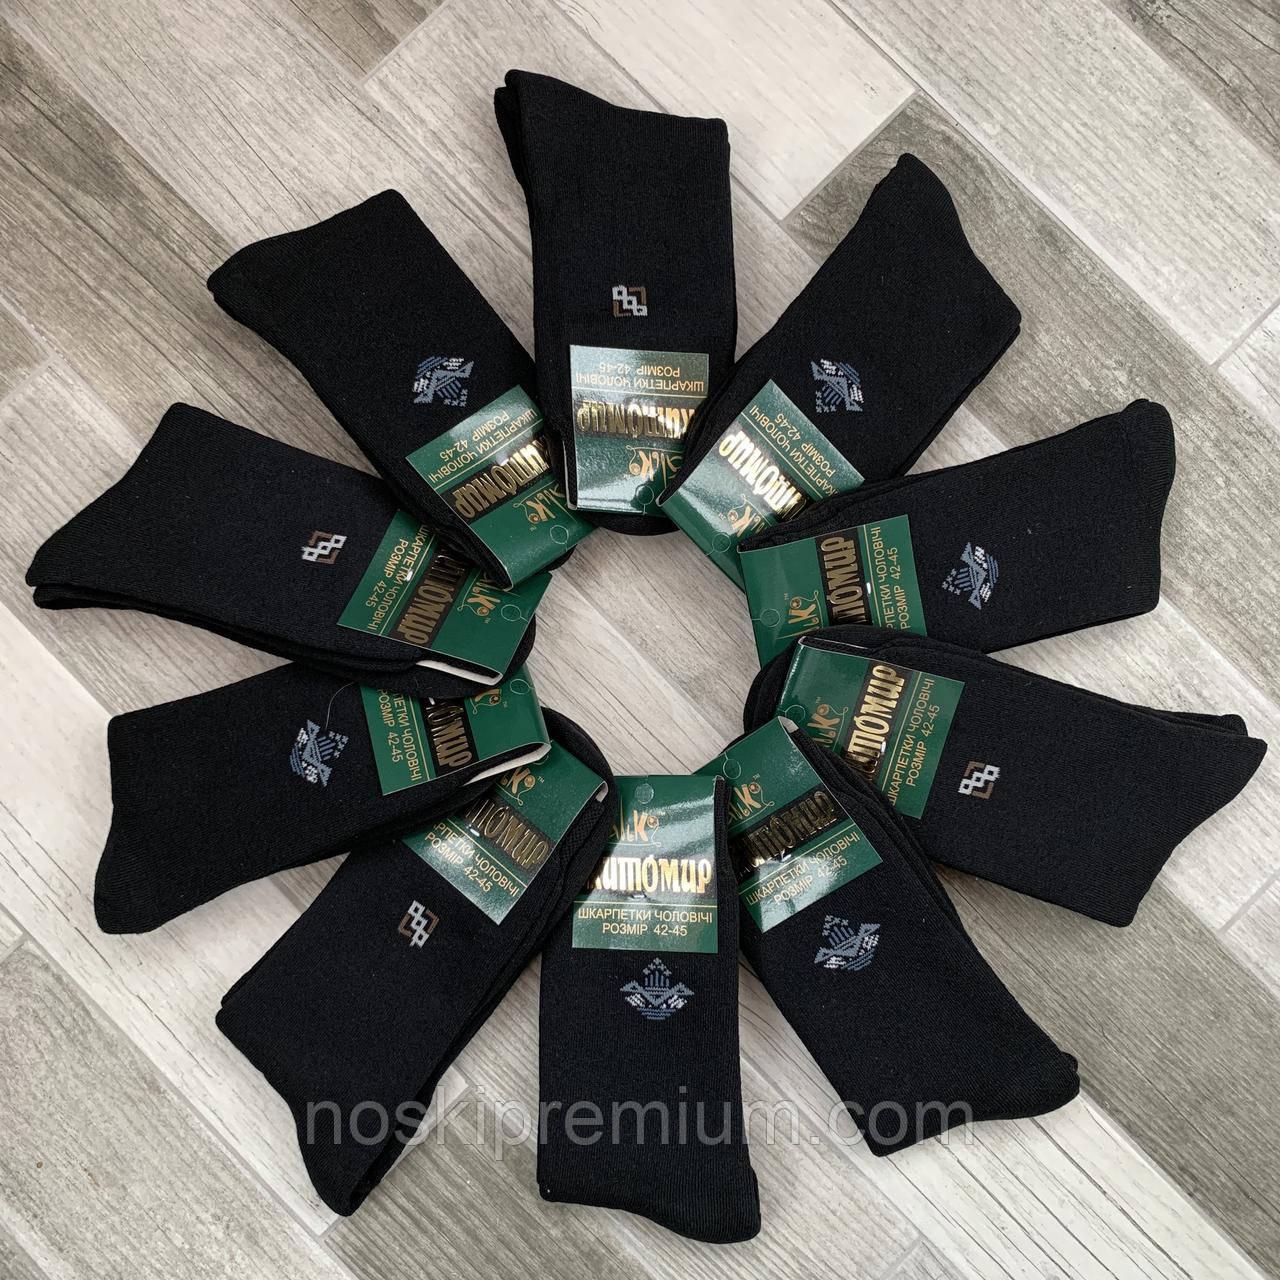 Шкарпетки чоловічі махрові х/б з вовною Талько, Житомир, 42-45 розмір, чорні,1573